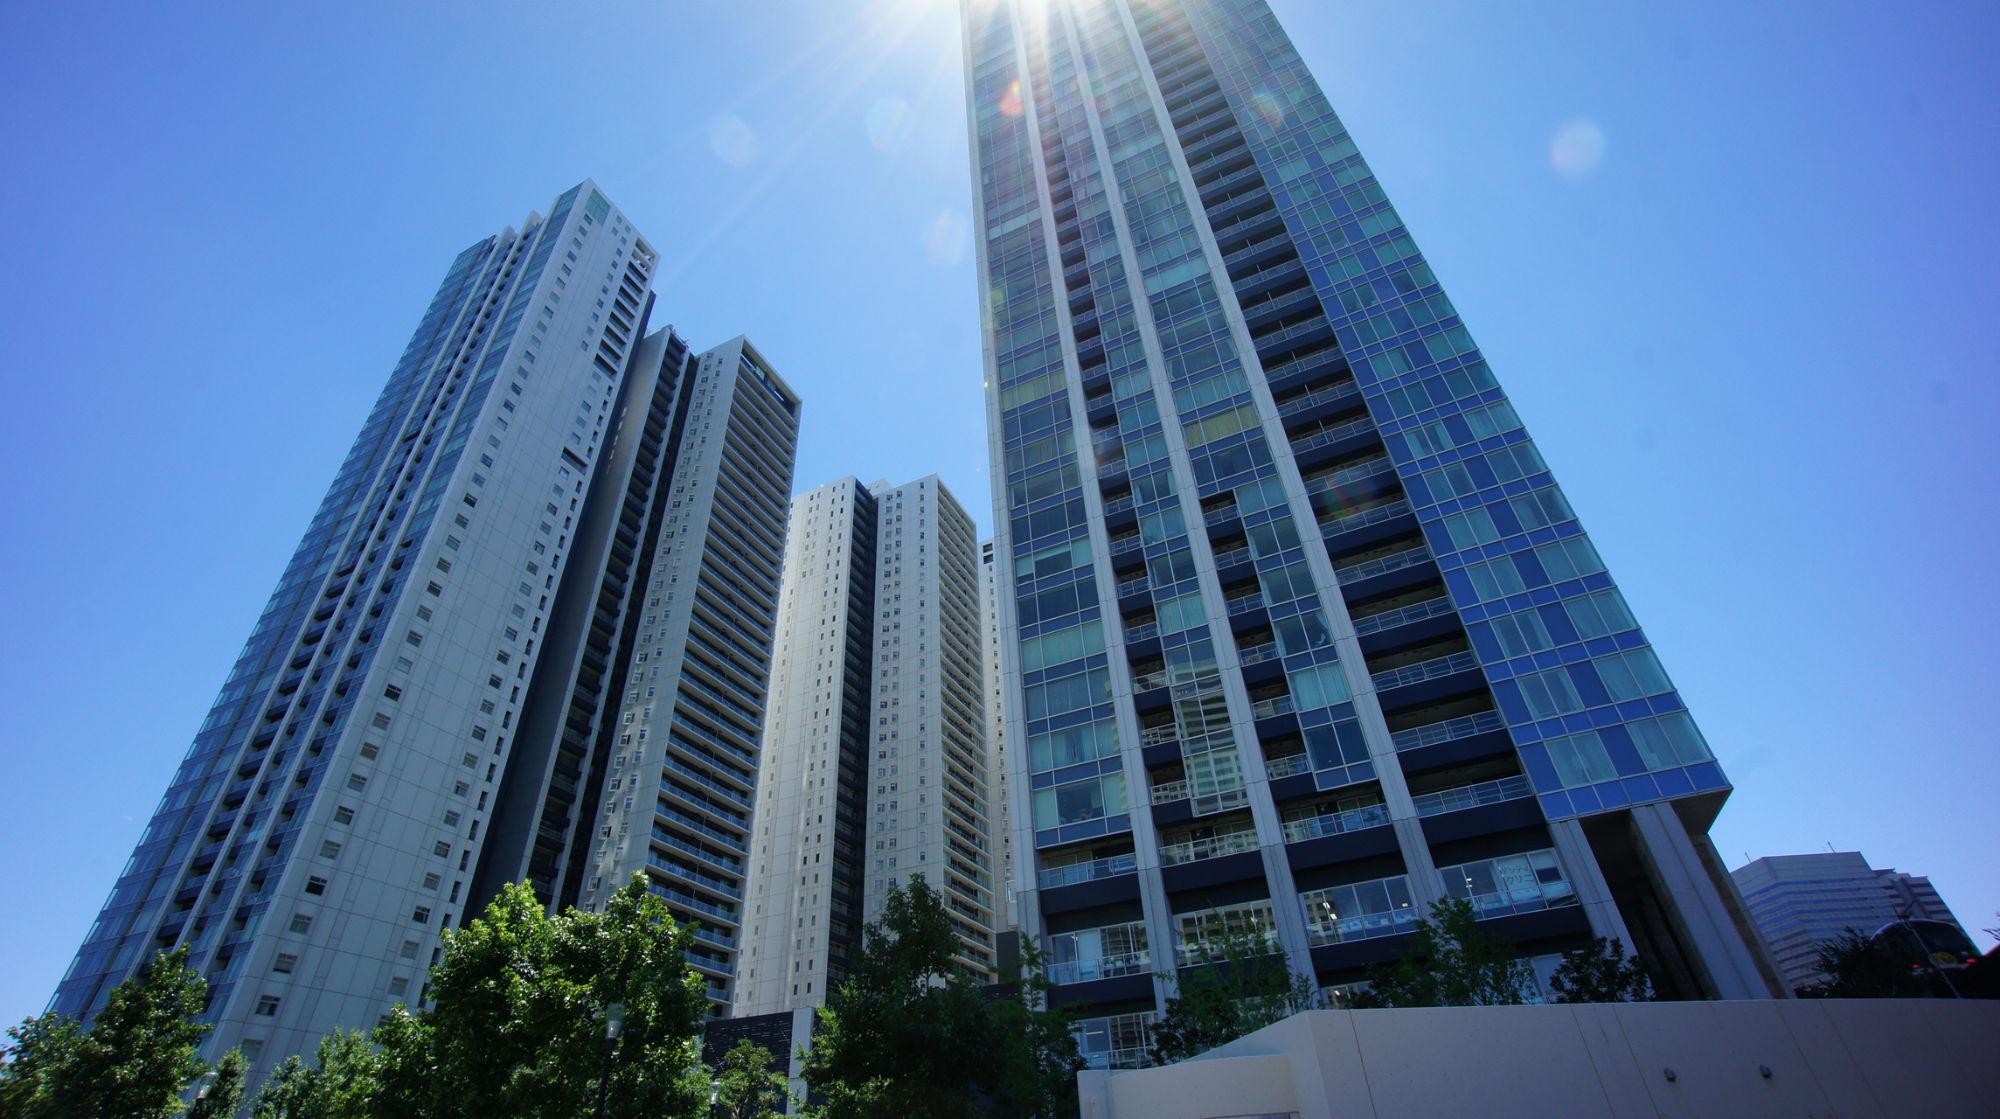 【品川駅周辺物件】タワーマンションランキング!